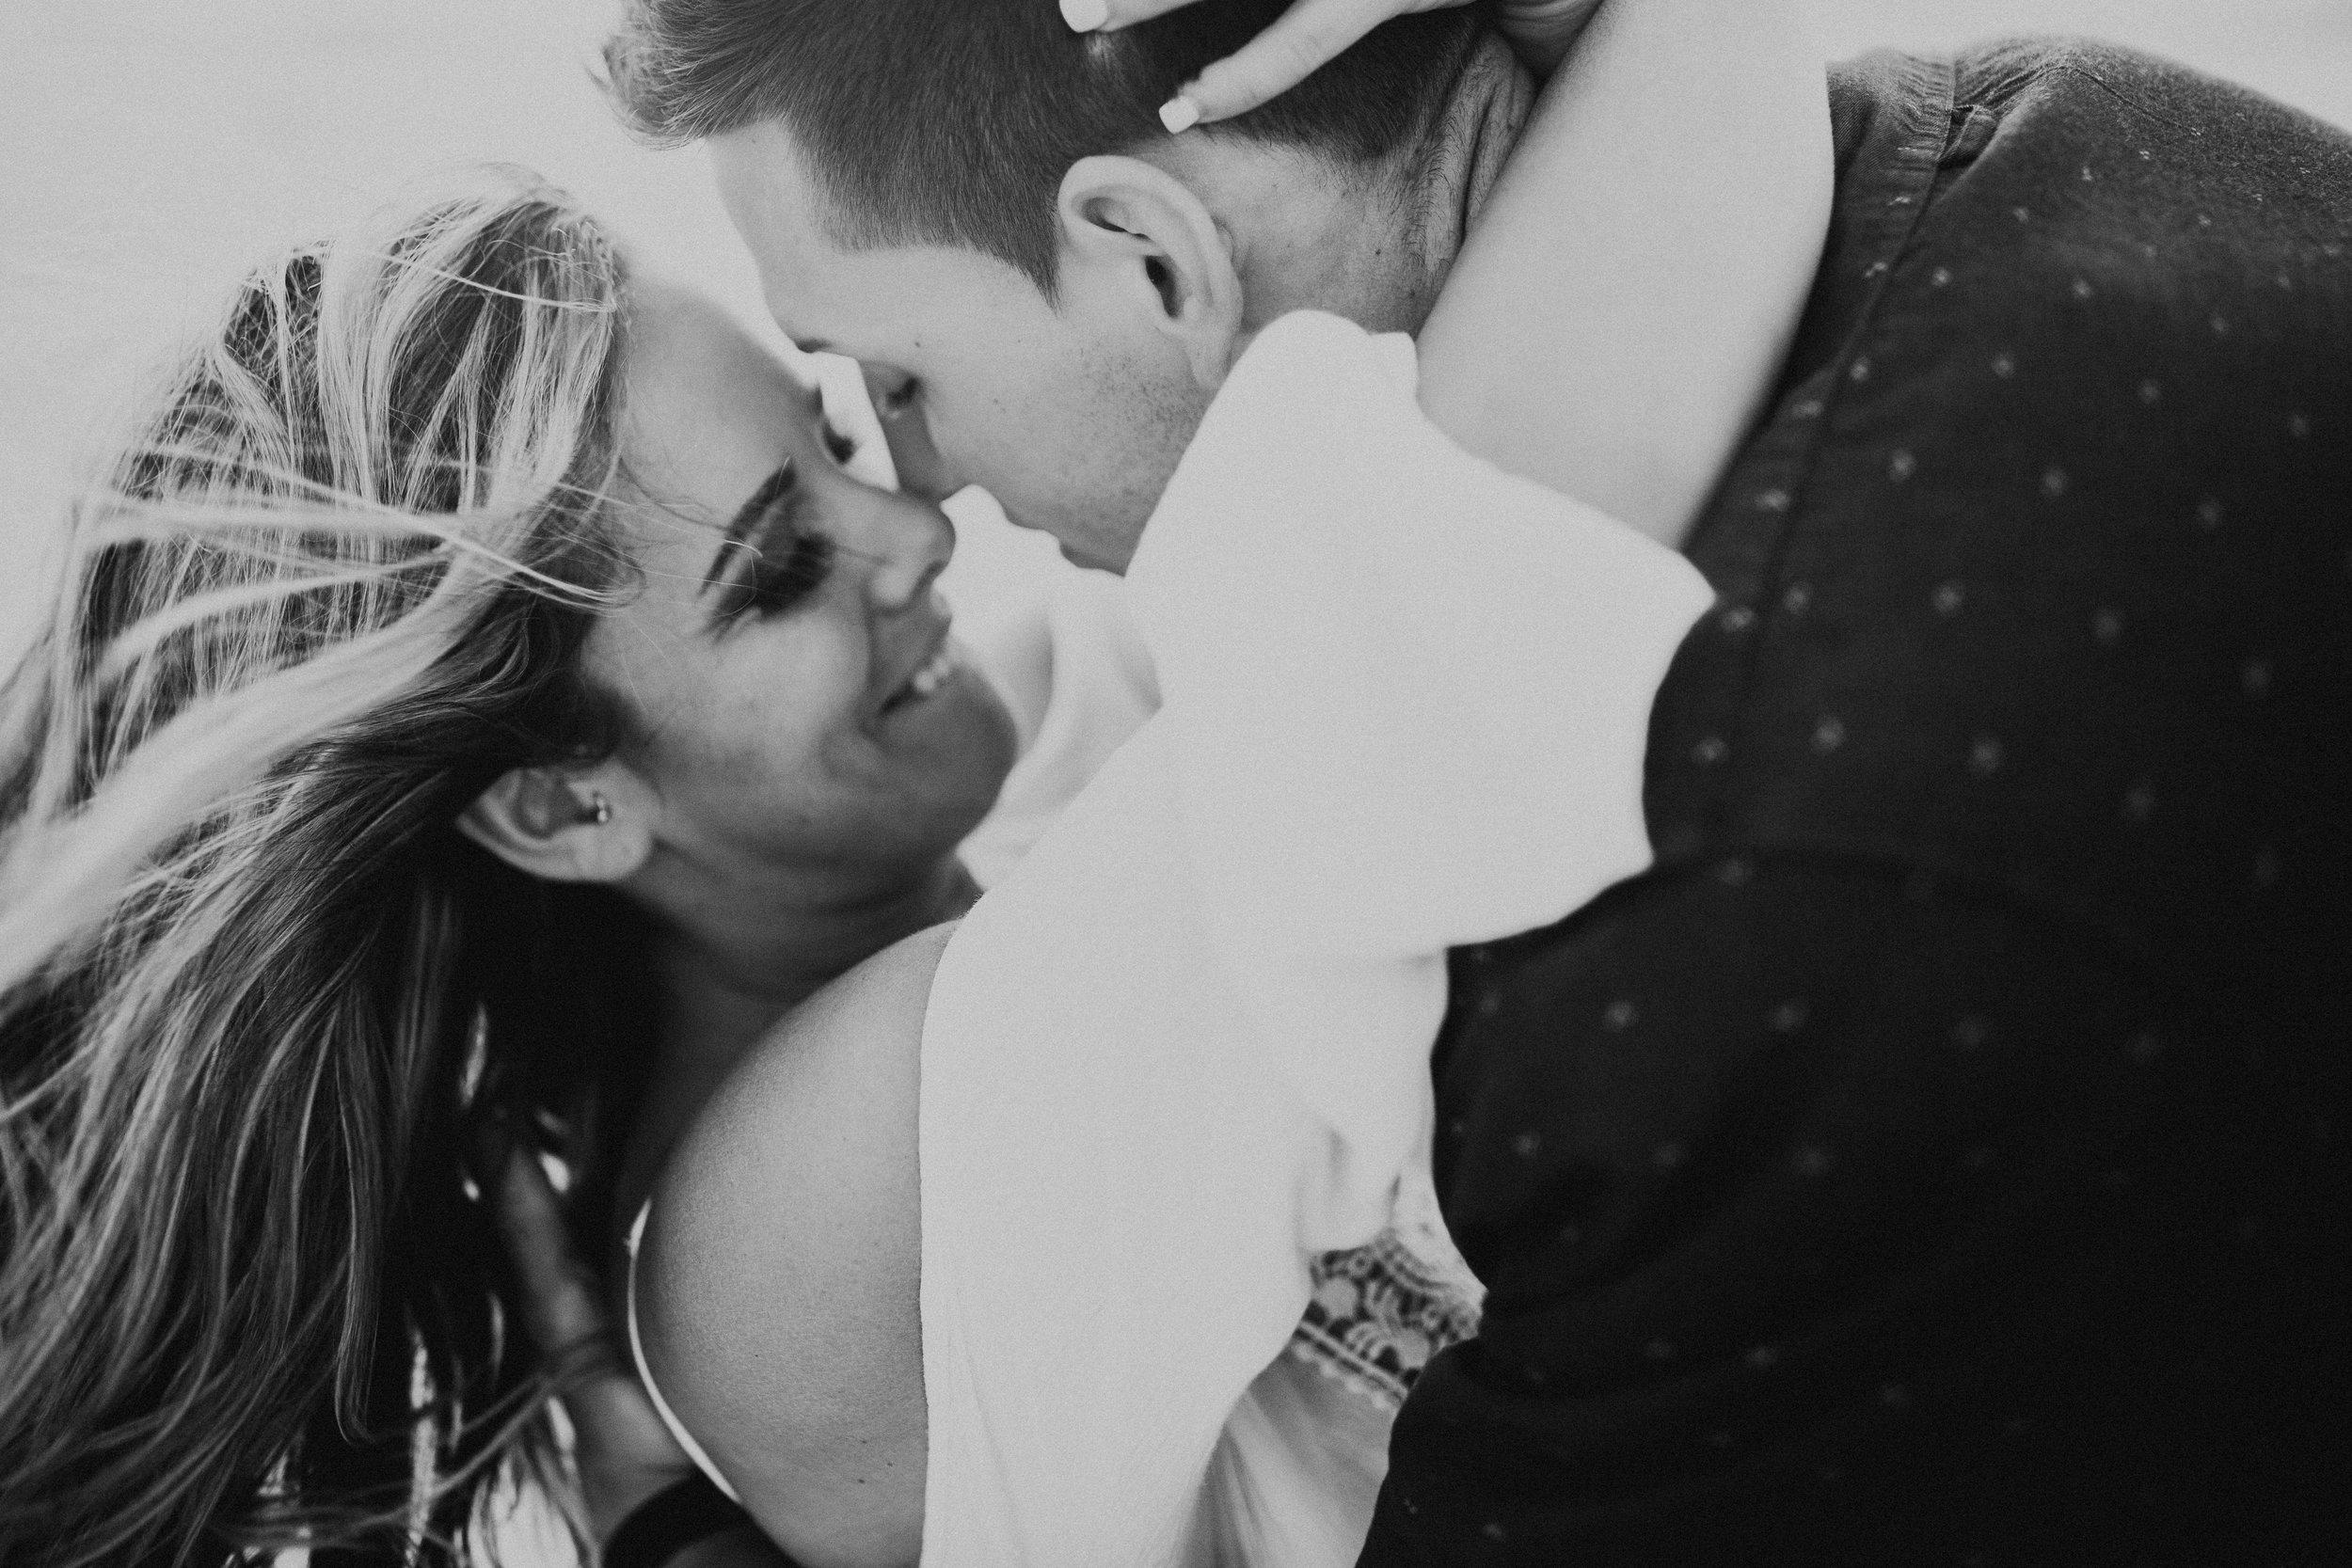 honolulu-hawaii-wedding-photographer--52.jpg